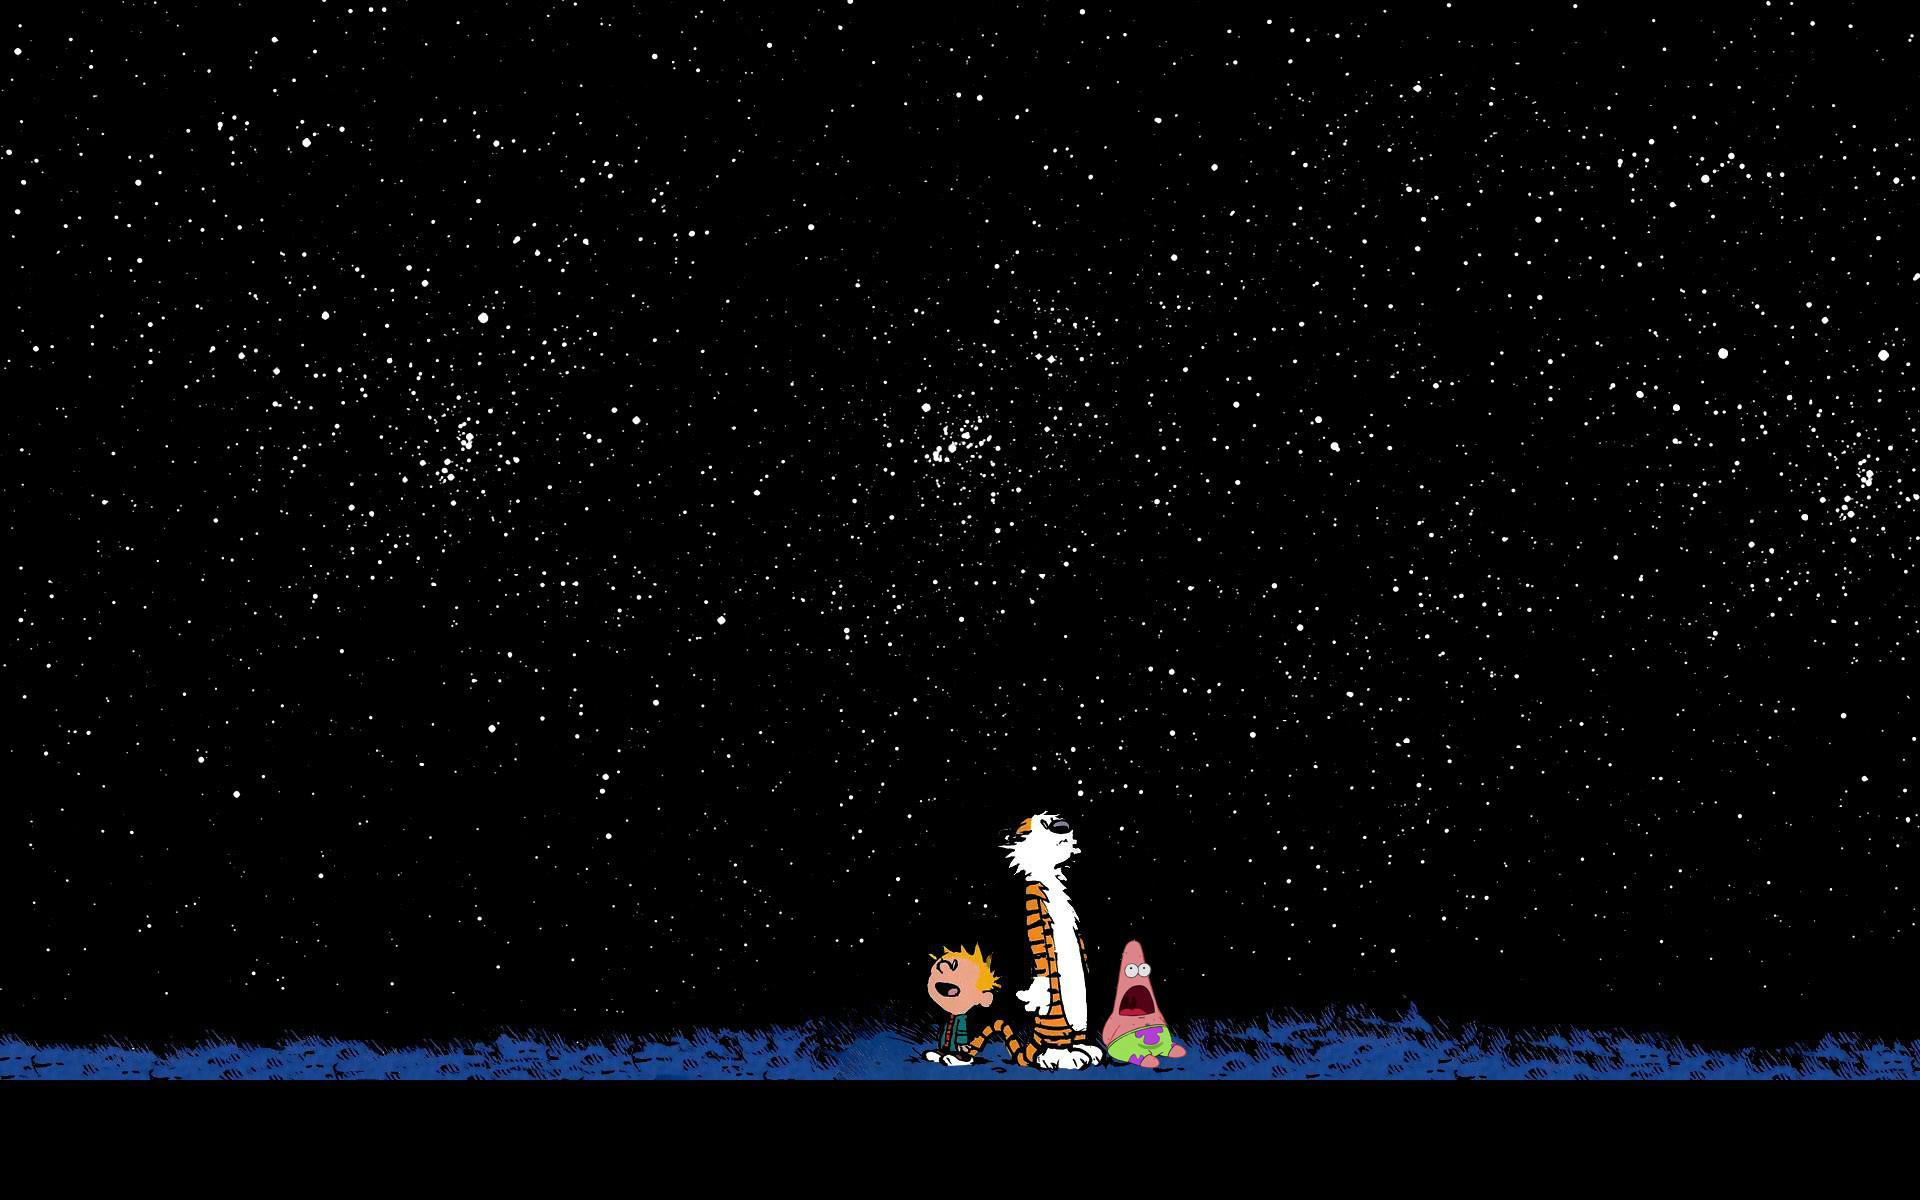 Calvin, Hobbs, and Patrick gazing at the stars. – Imgur